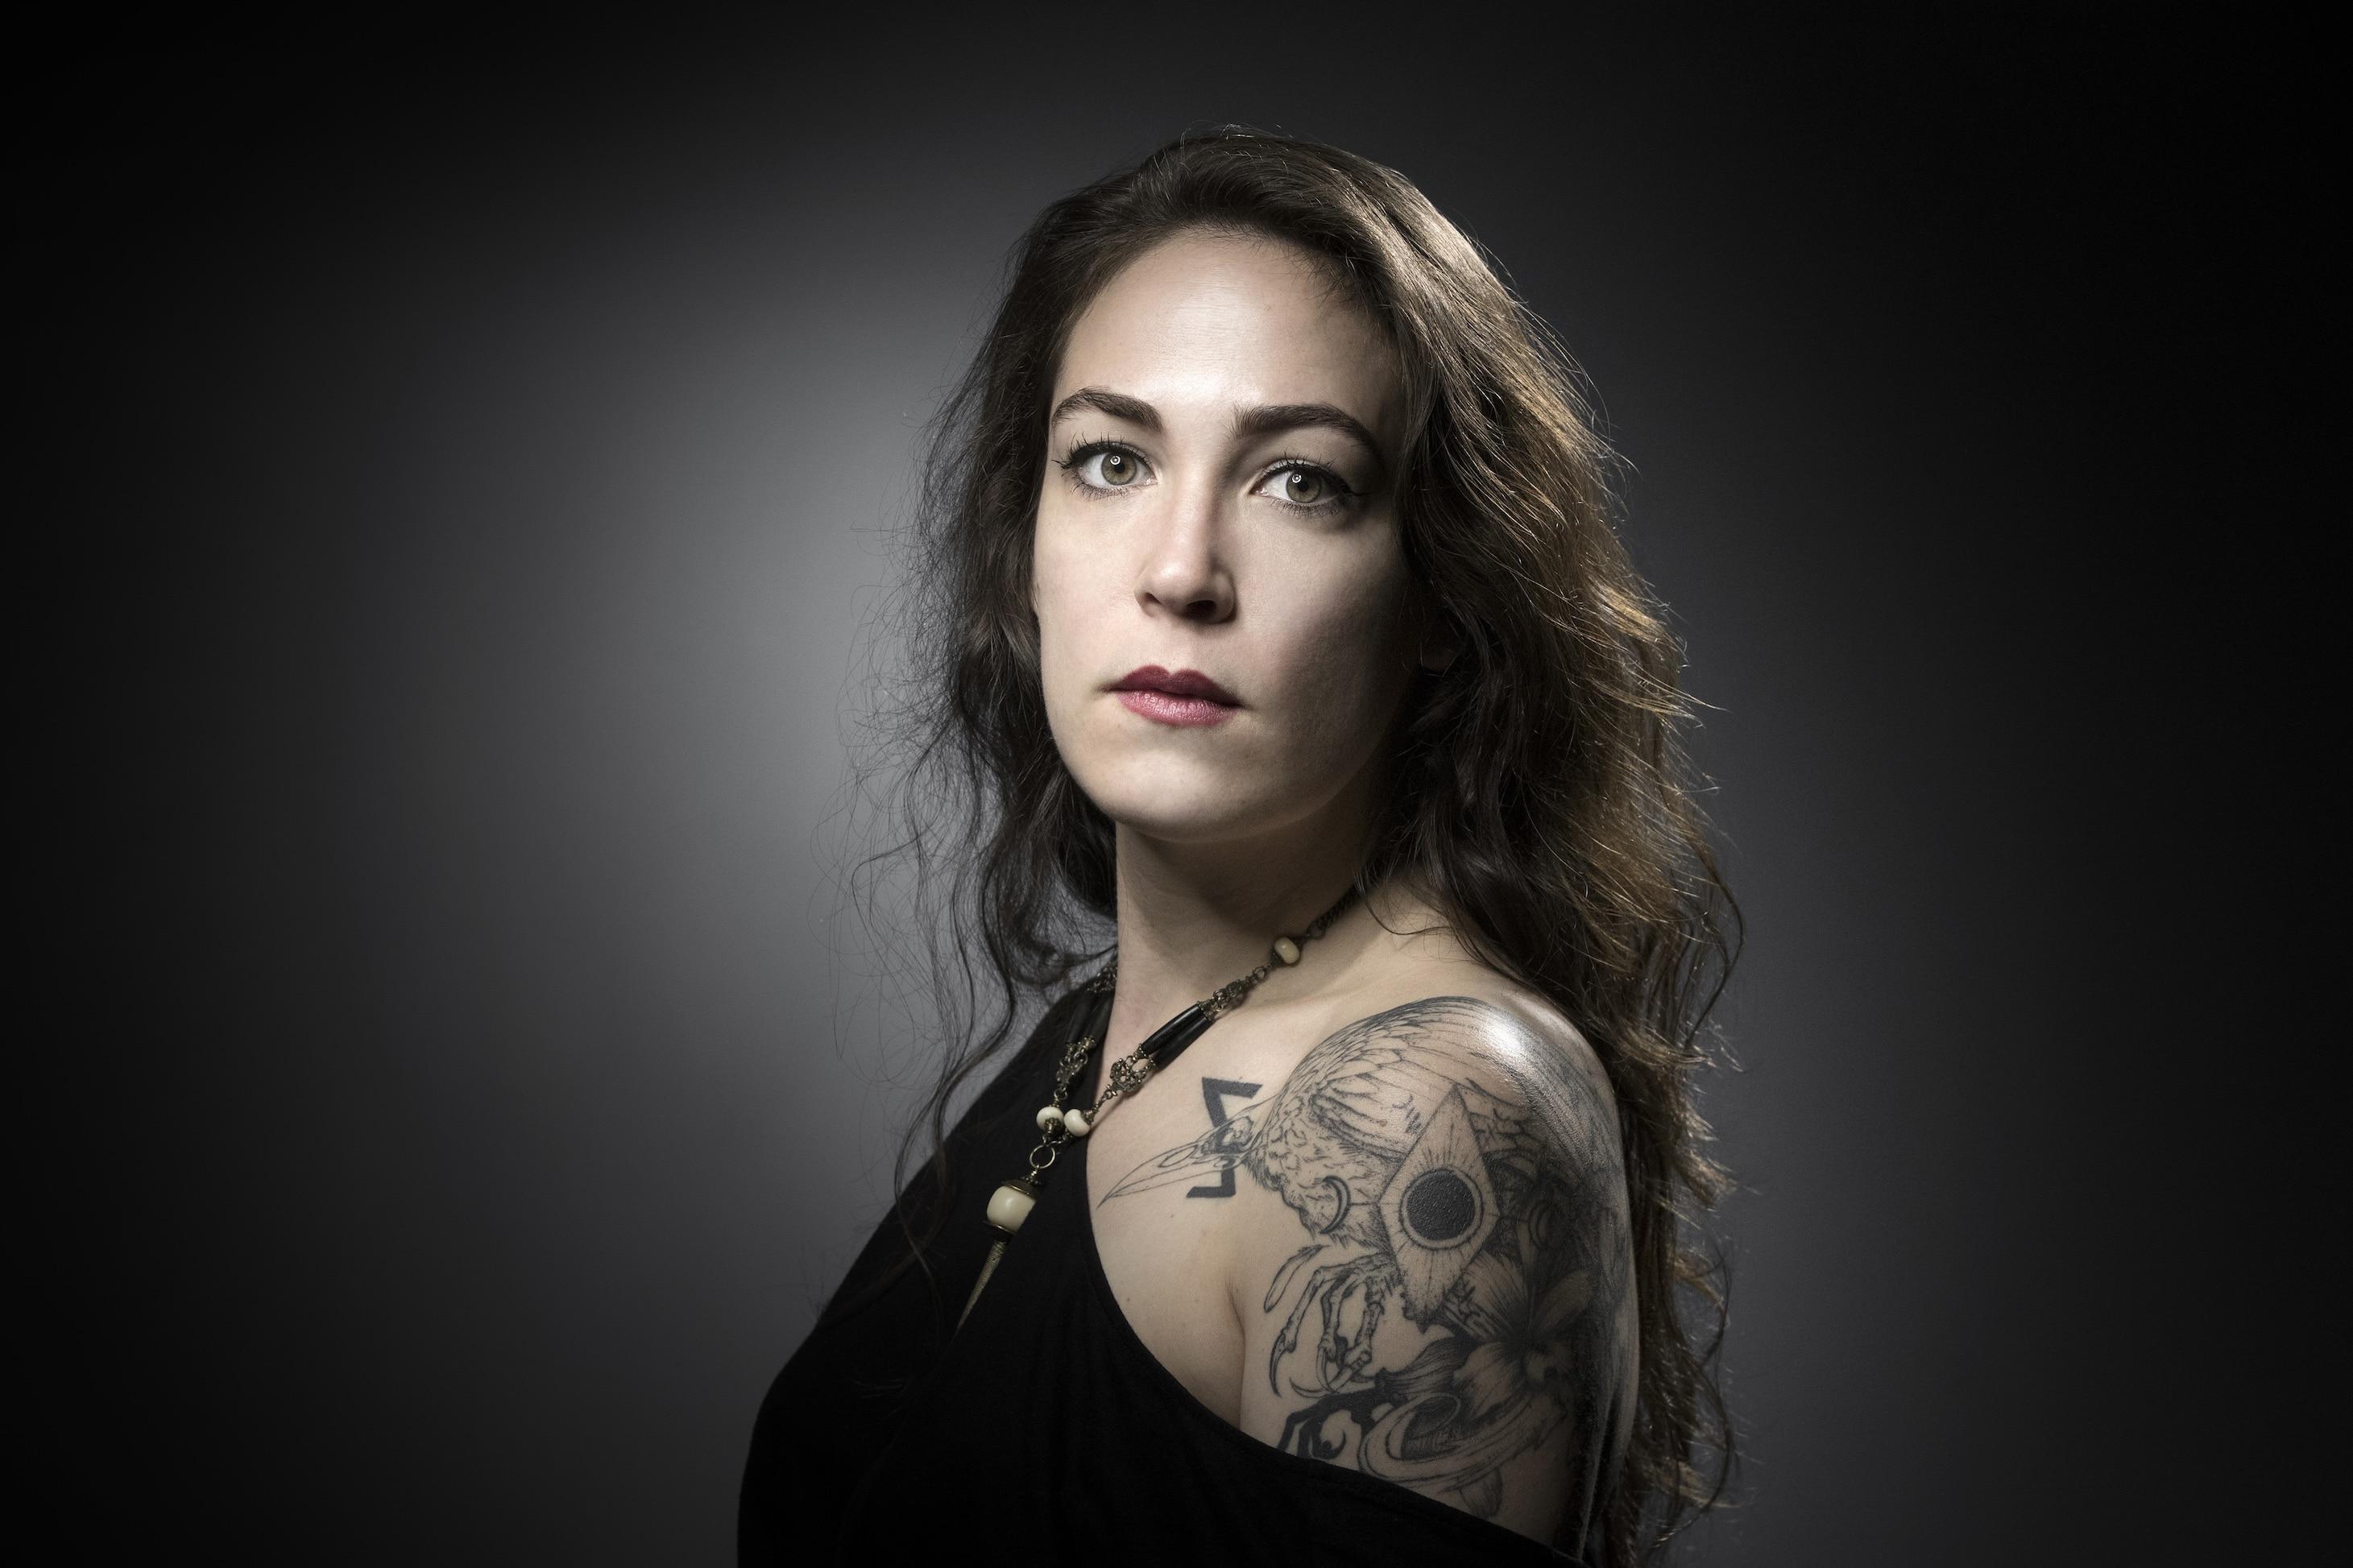 Laura Leveque